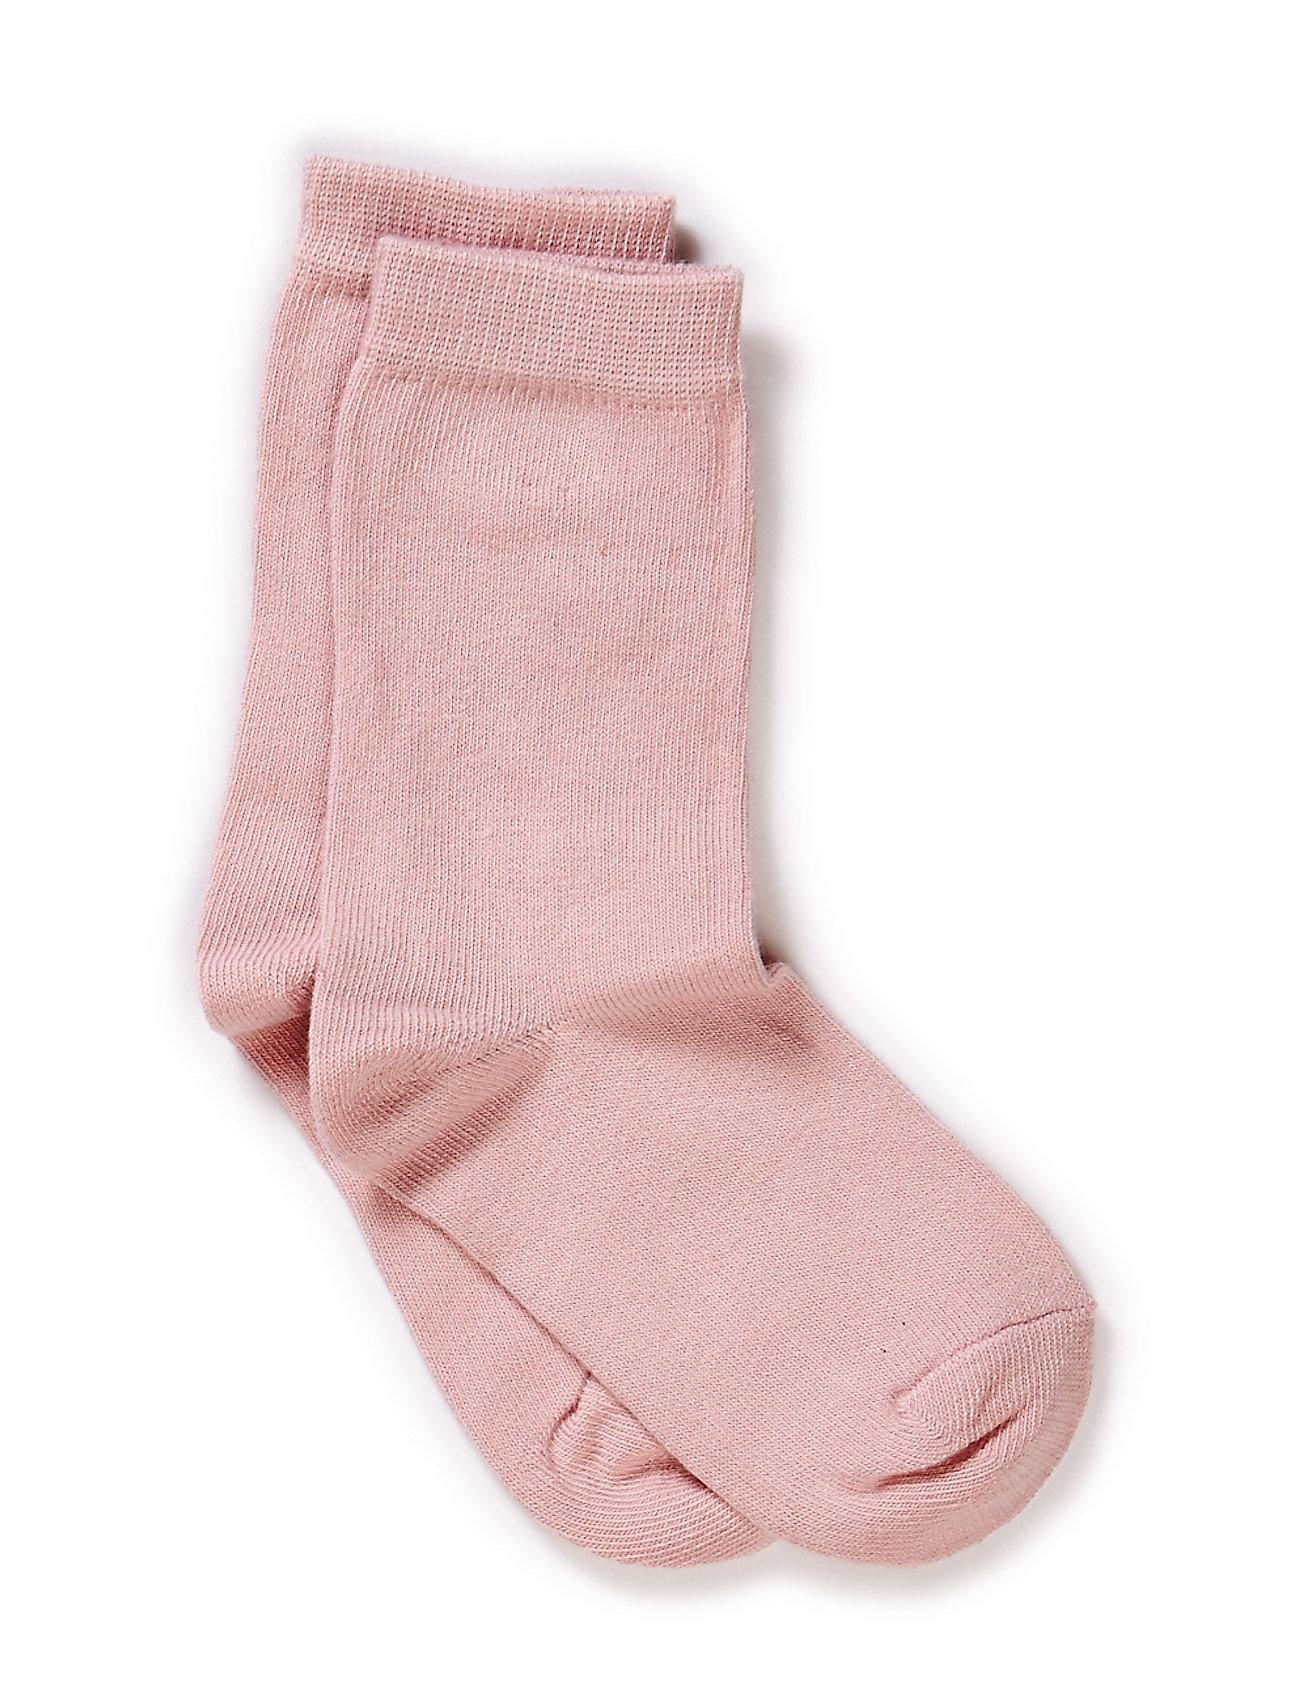 Melton Sock , plain colour - 509/WILD ROSE